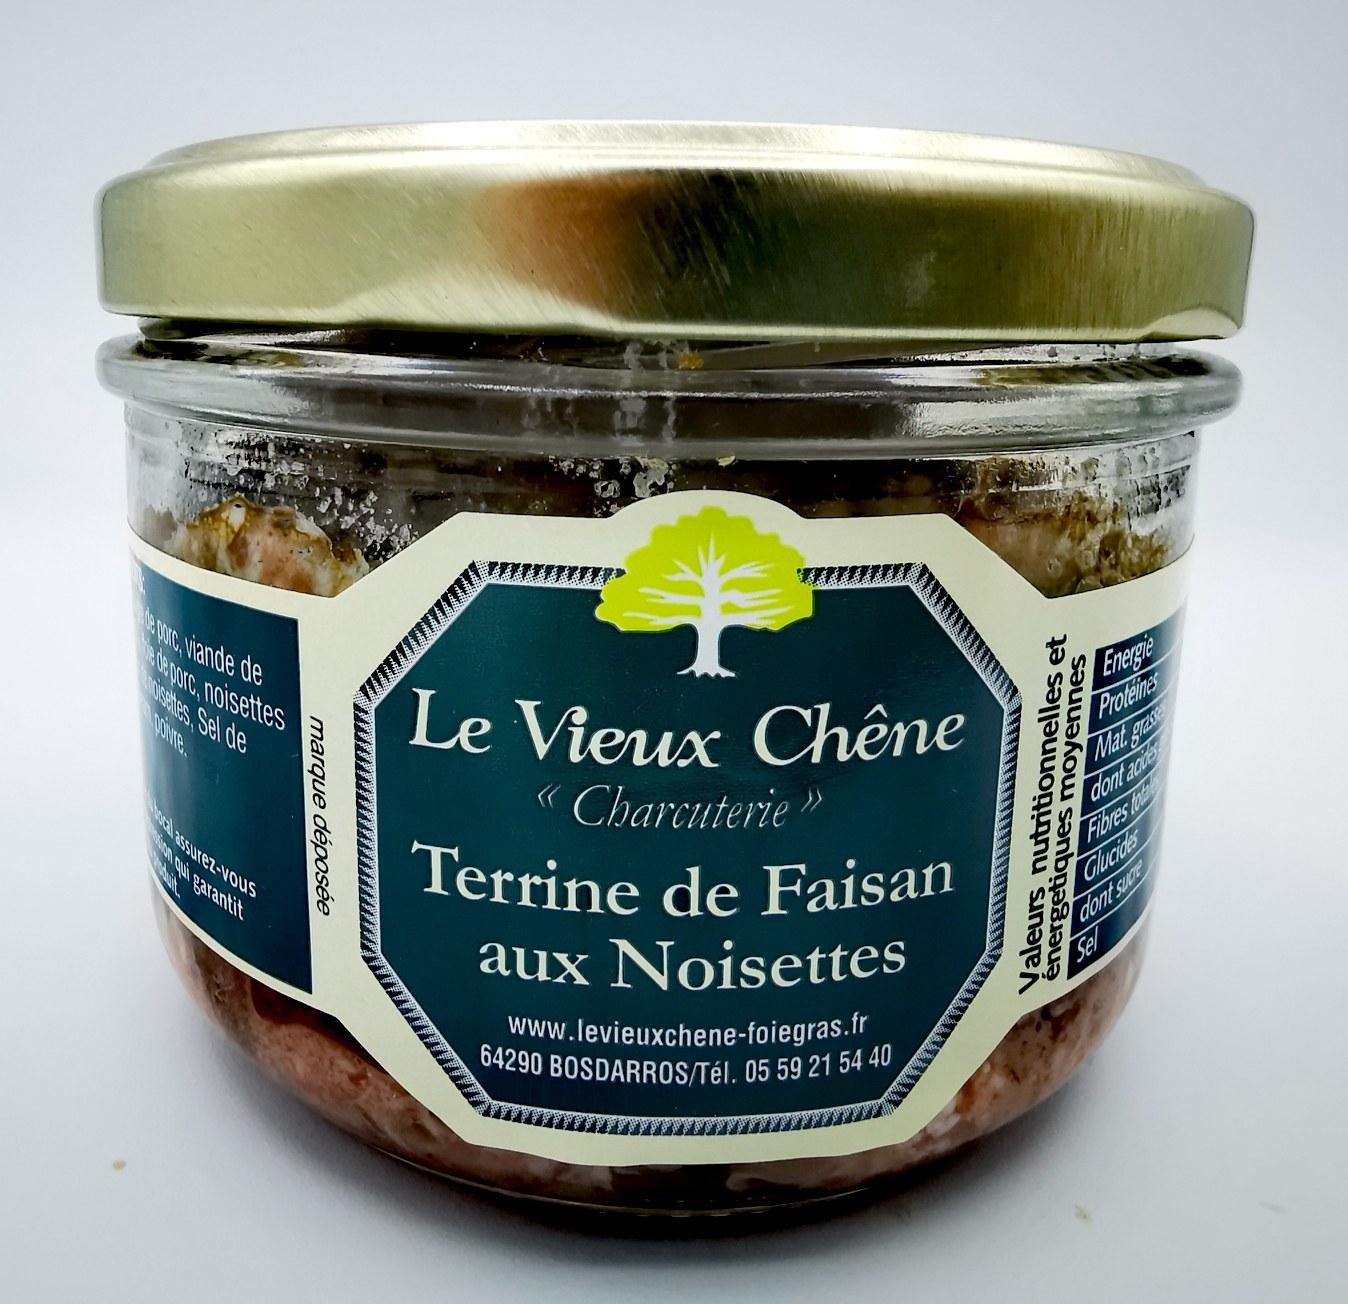 Terrine de Faisan aux Noisettes - le vieux chêne - charcuterie - vallée d'aspe - local